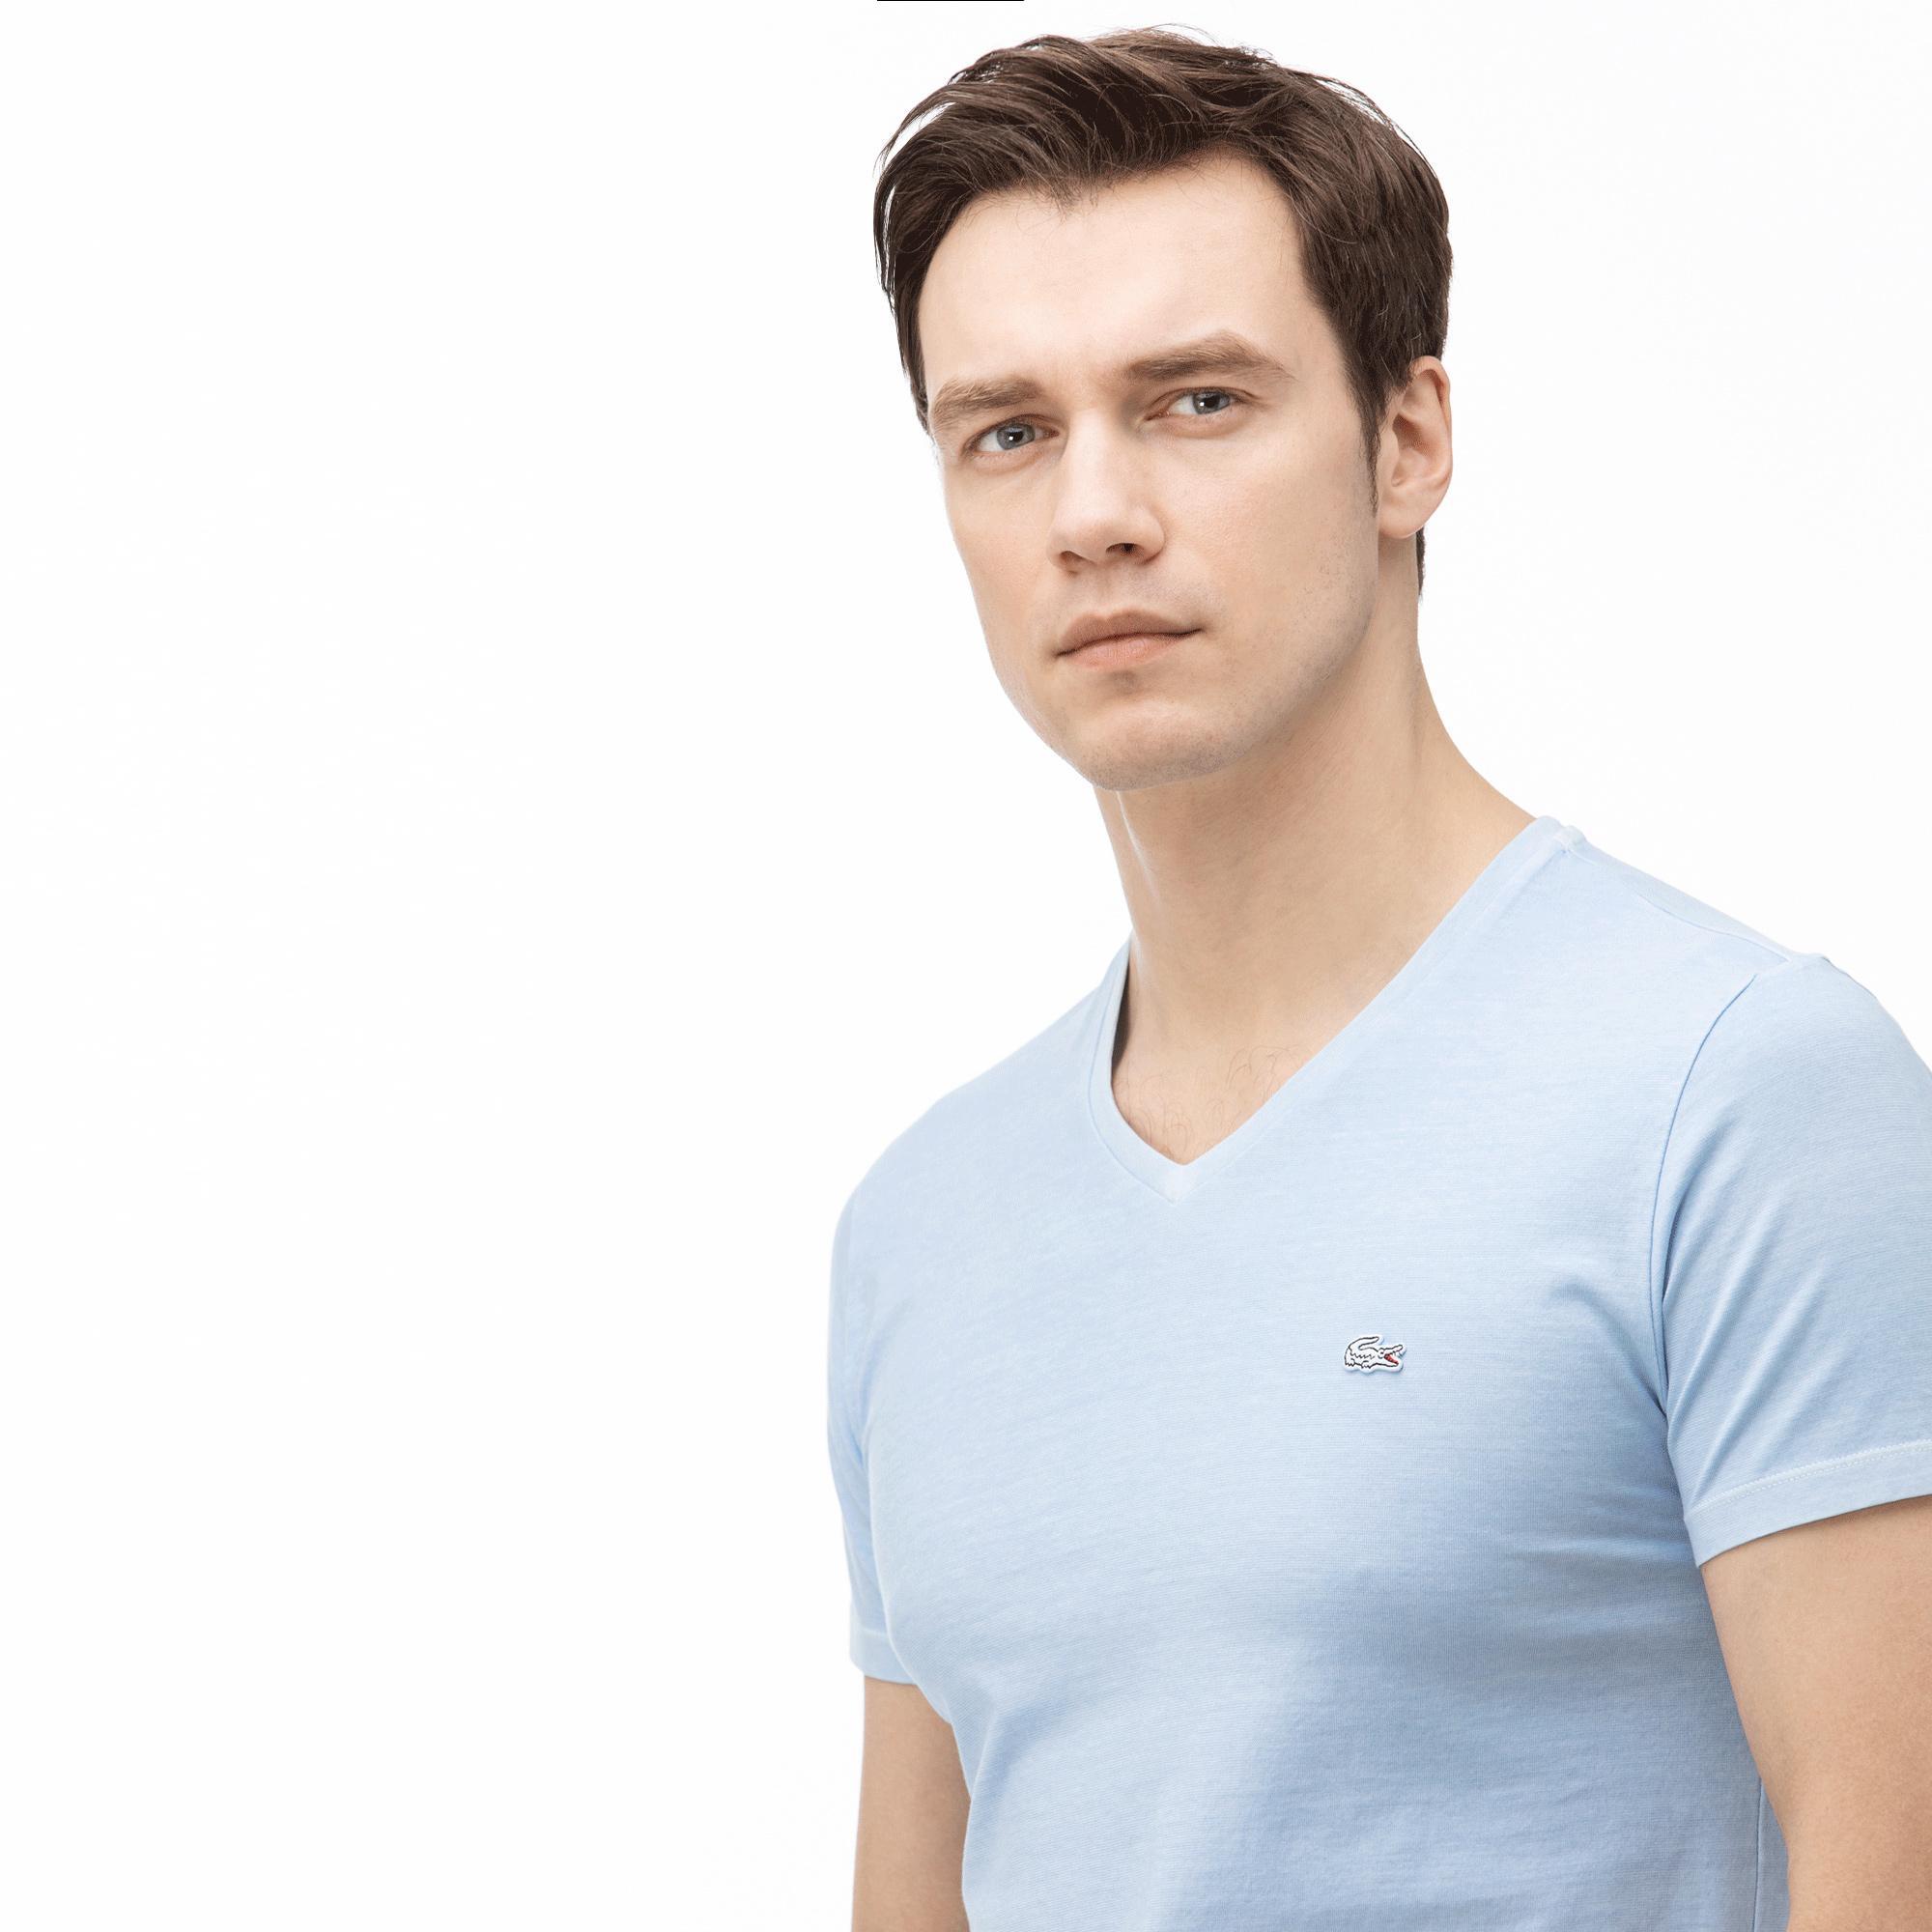 Lacoste Erkek V Yaka Açık Mavi T-Shirt